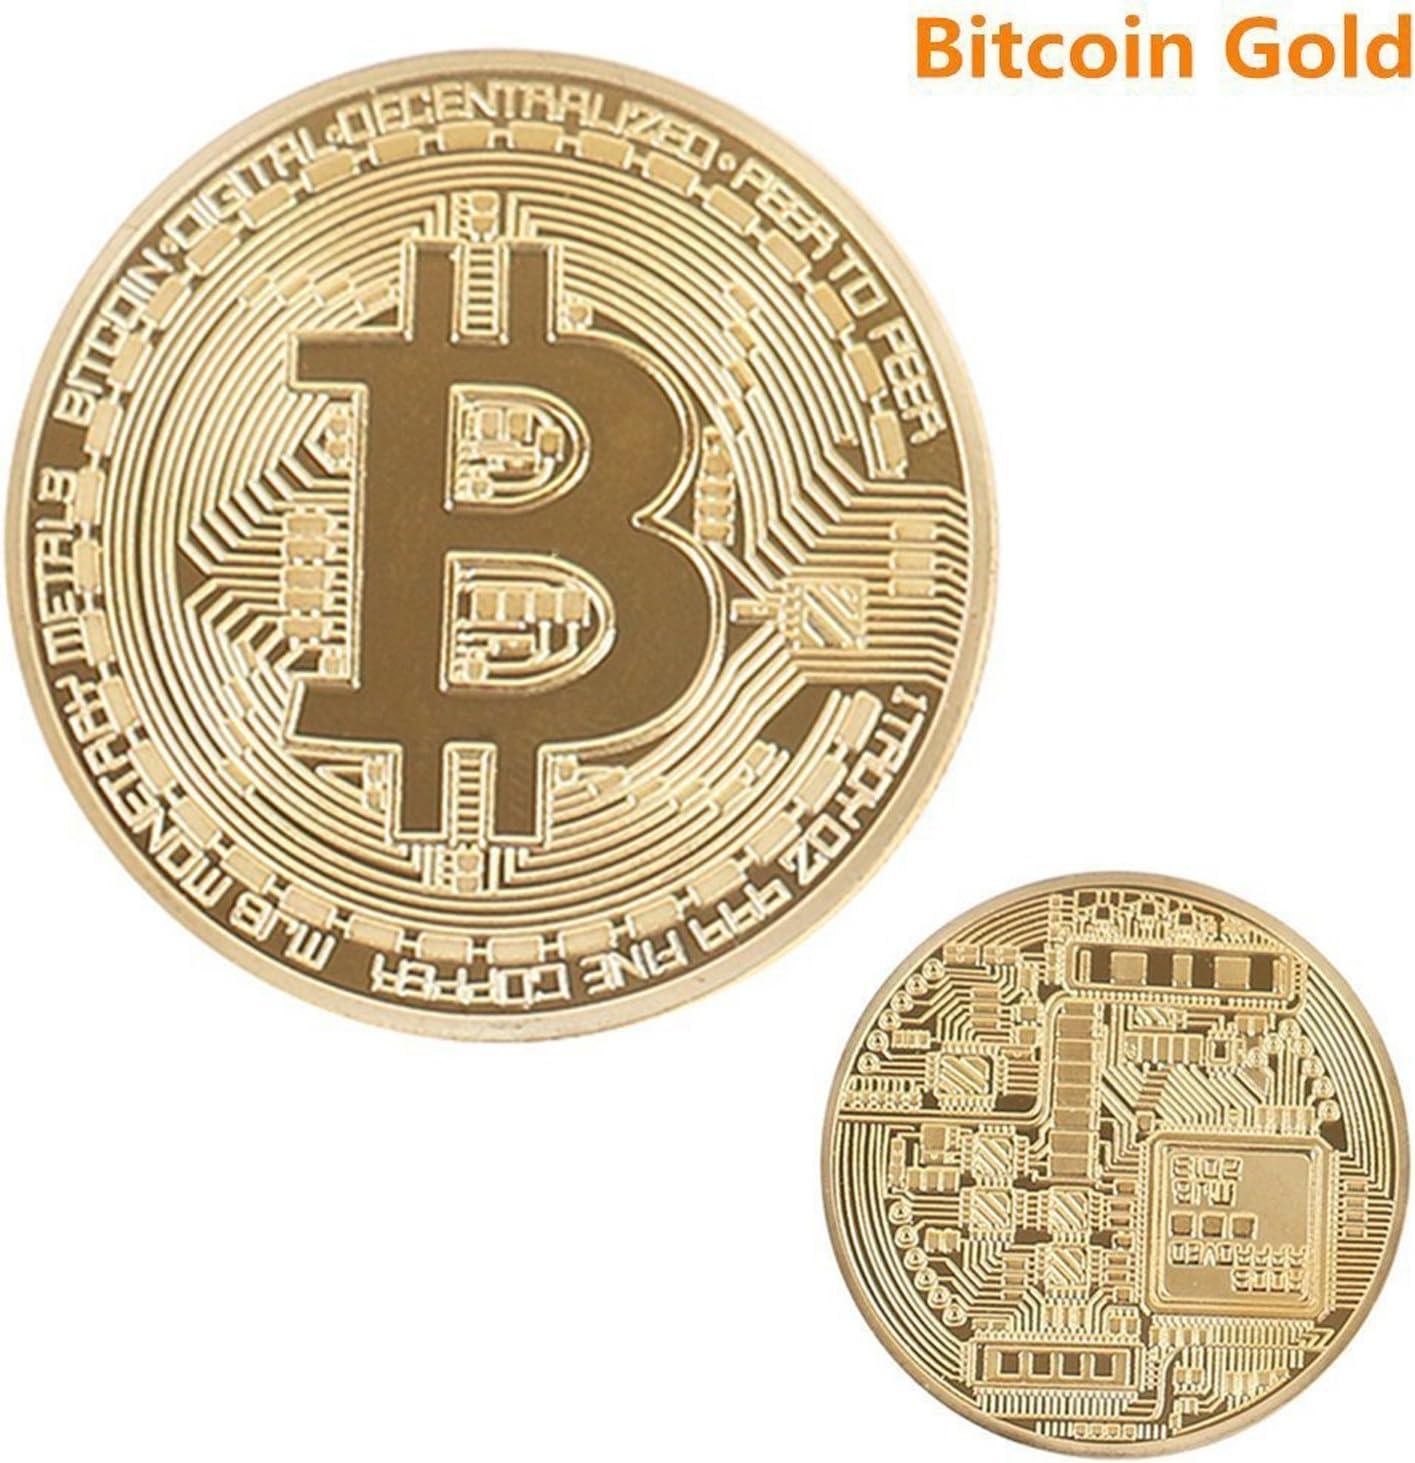 Bitcoin desafío moneda Classic Set de coleccionista | la edición limitada original dorado y bañado en plata y hecho de cobre rojo puro conmemorativa fichas w/una pantalla de plástico caso (Set de